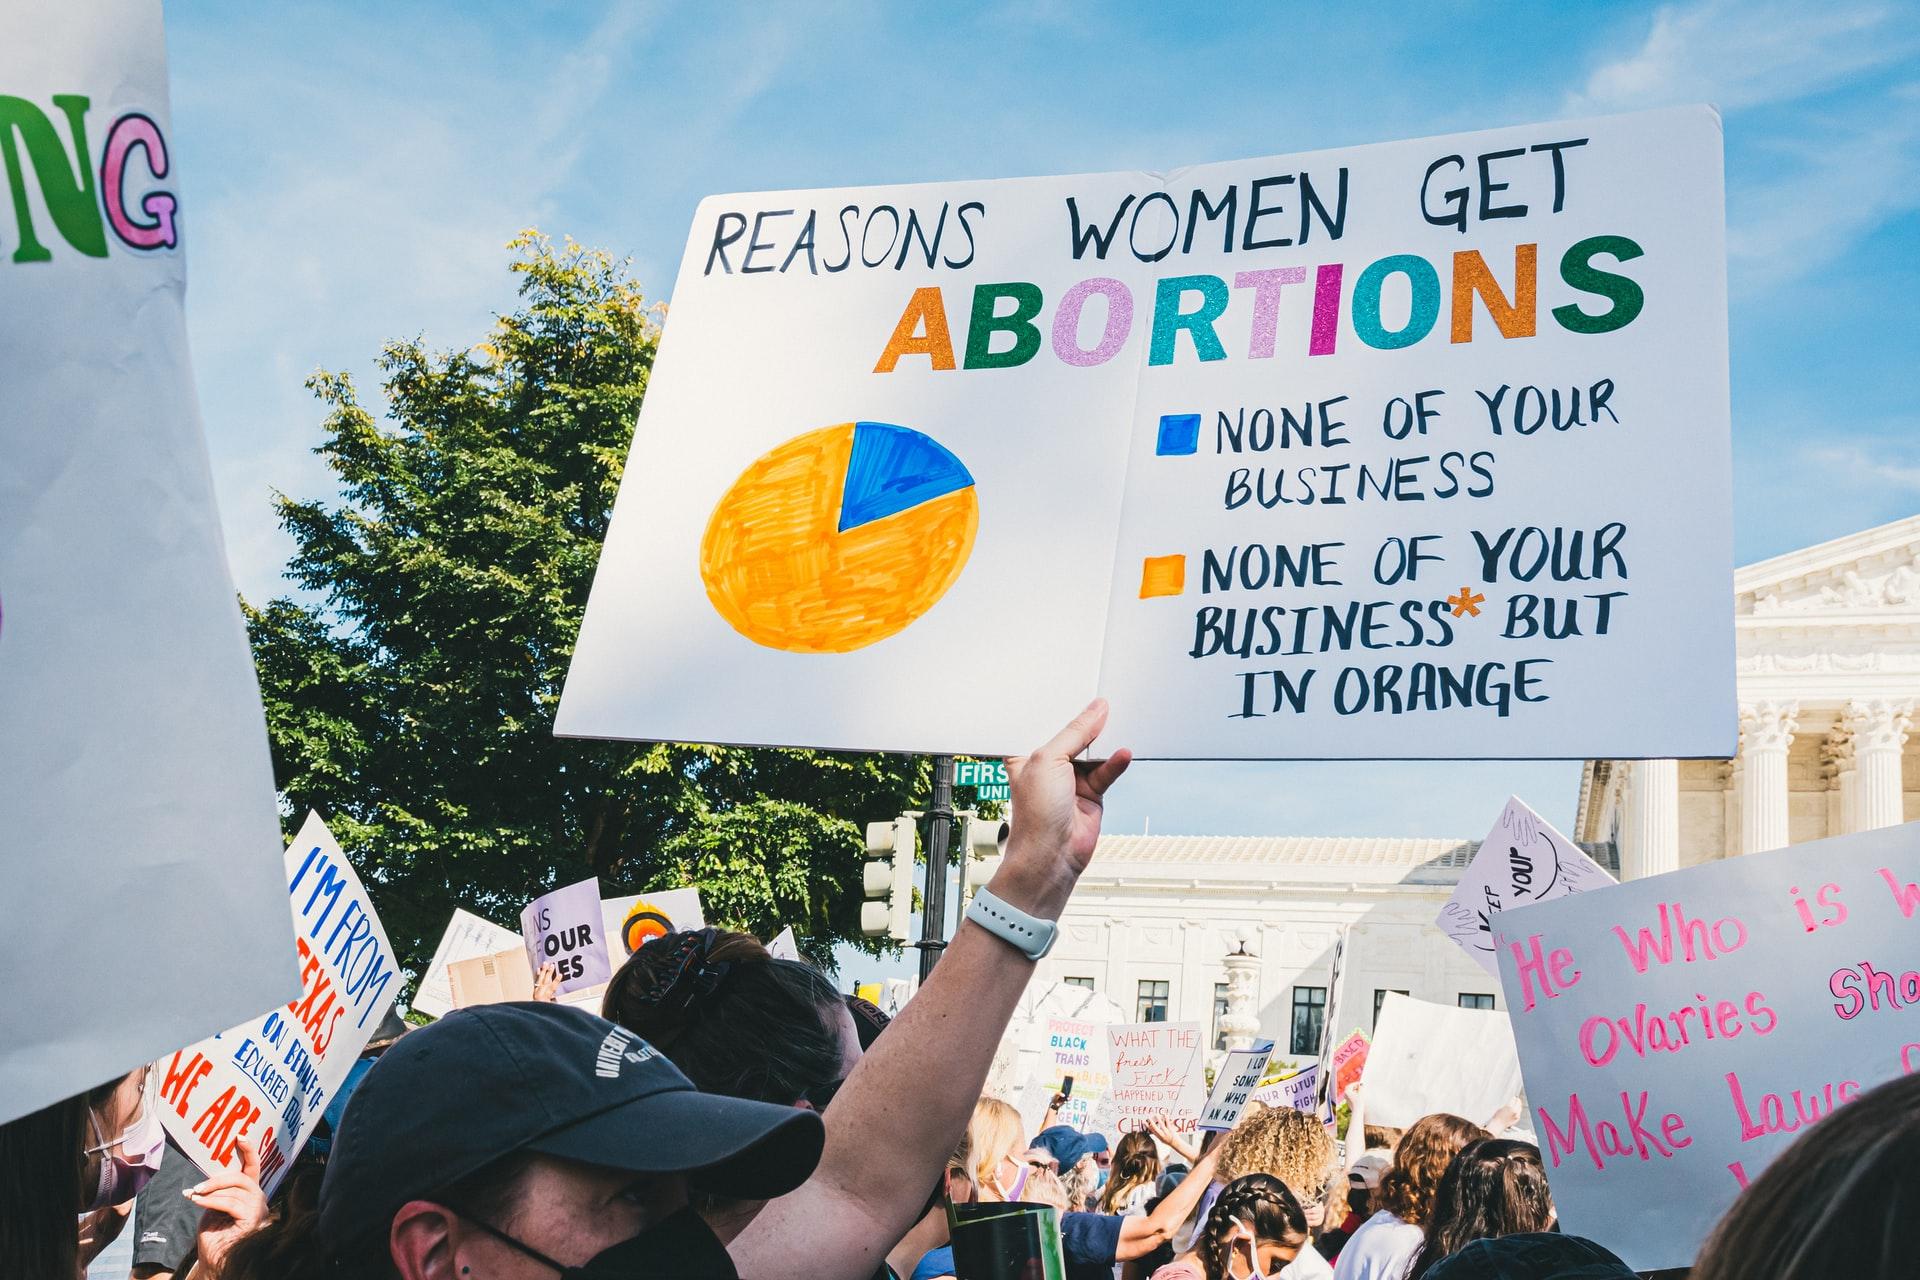 Суд временно приостановил действие закона о запрете абортов в Техасе